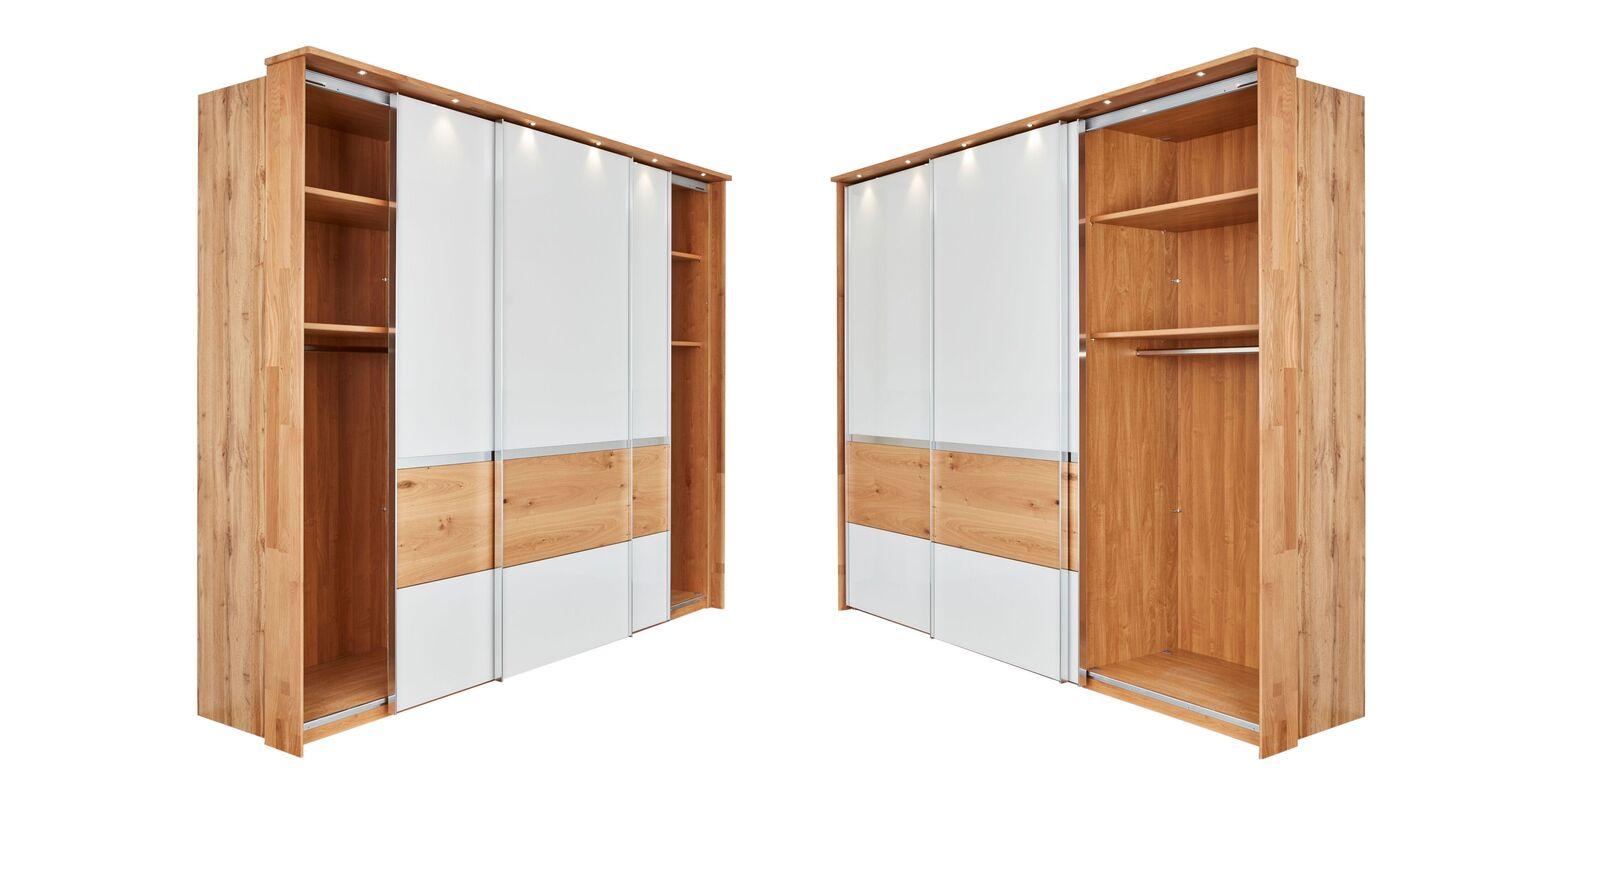 3-türiger INTERLIVING Schwebetüren-Kleiderschrank 1202 mit praktischer Innenausstattung